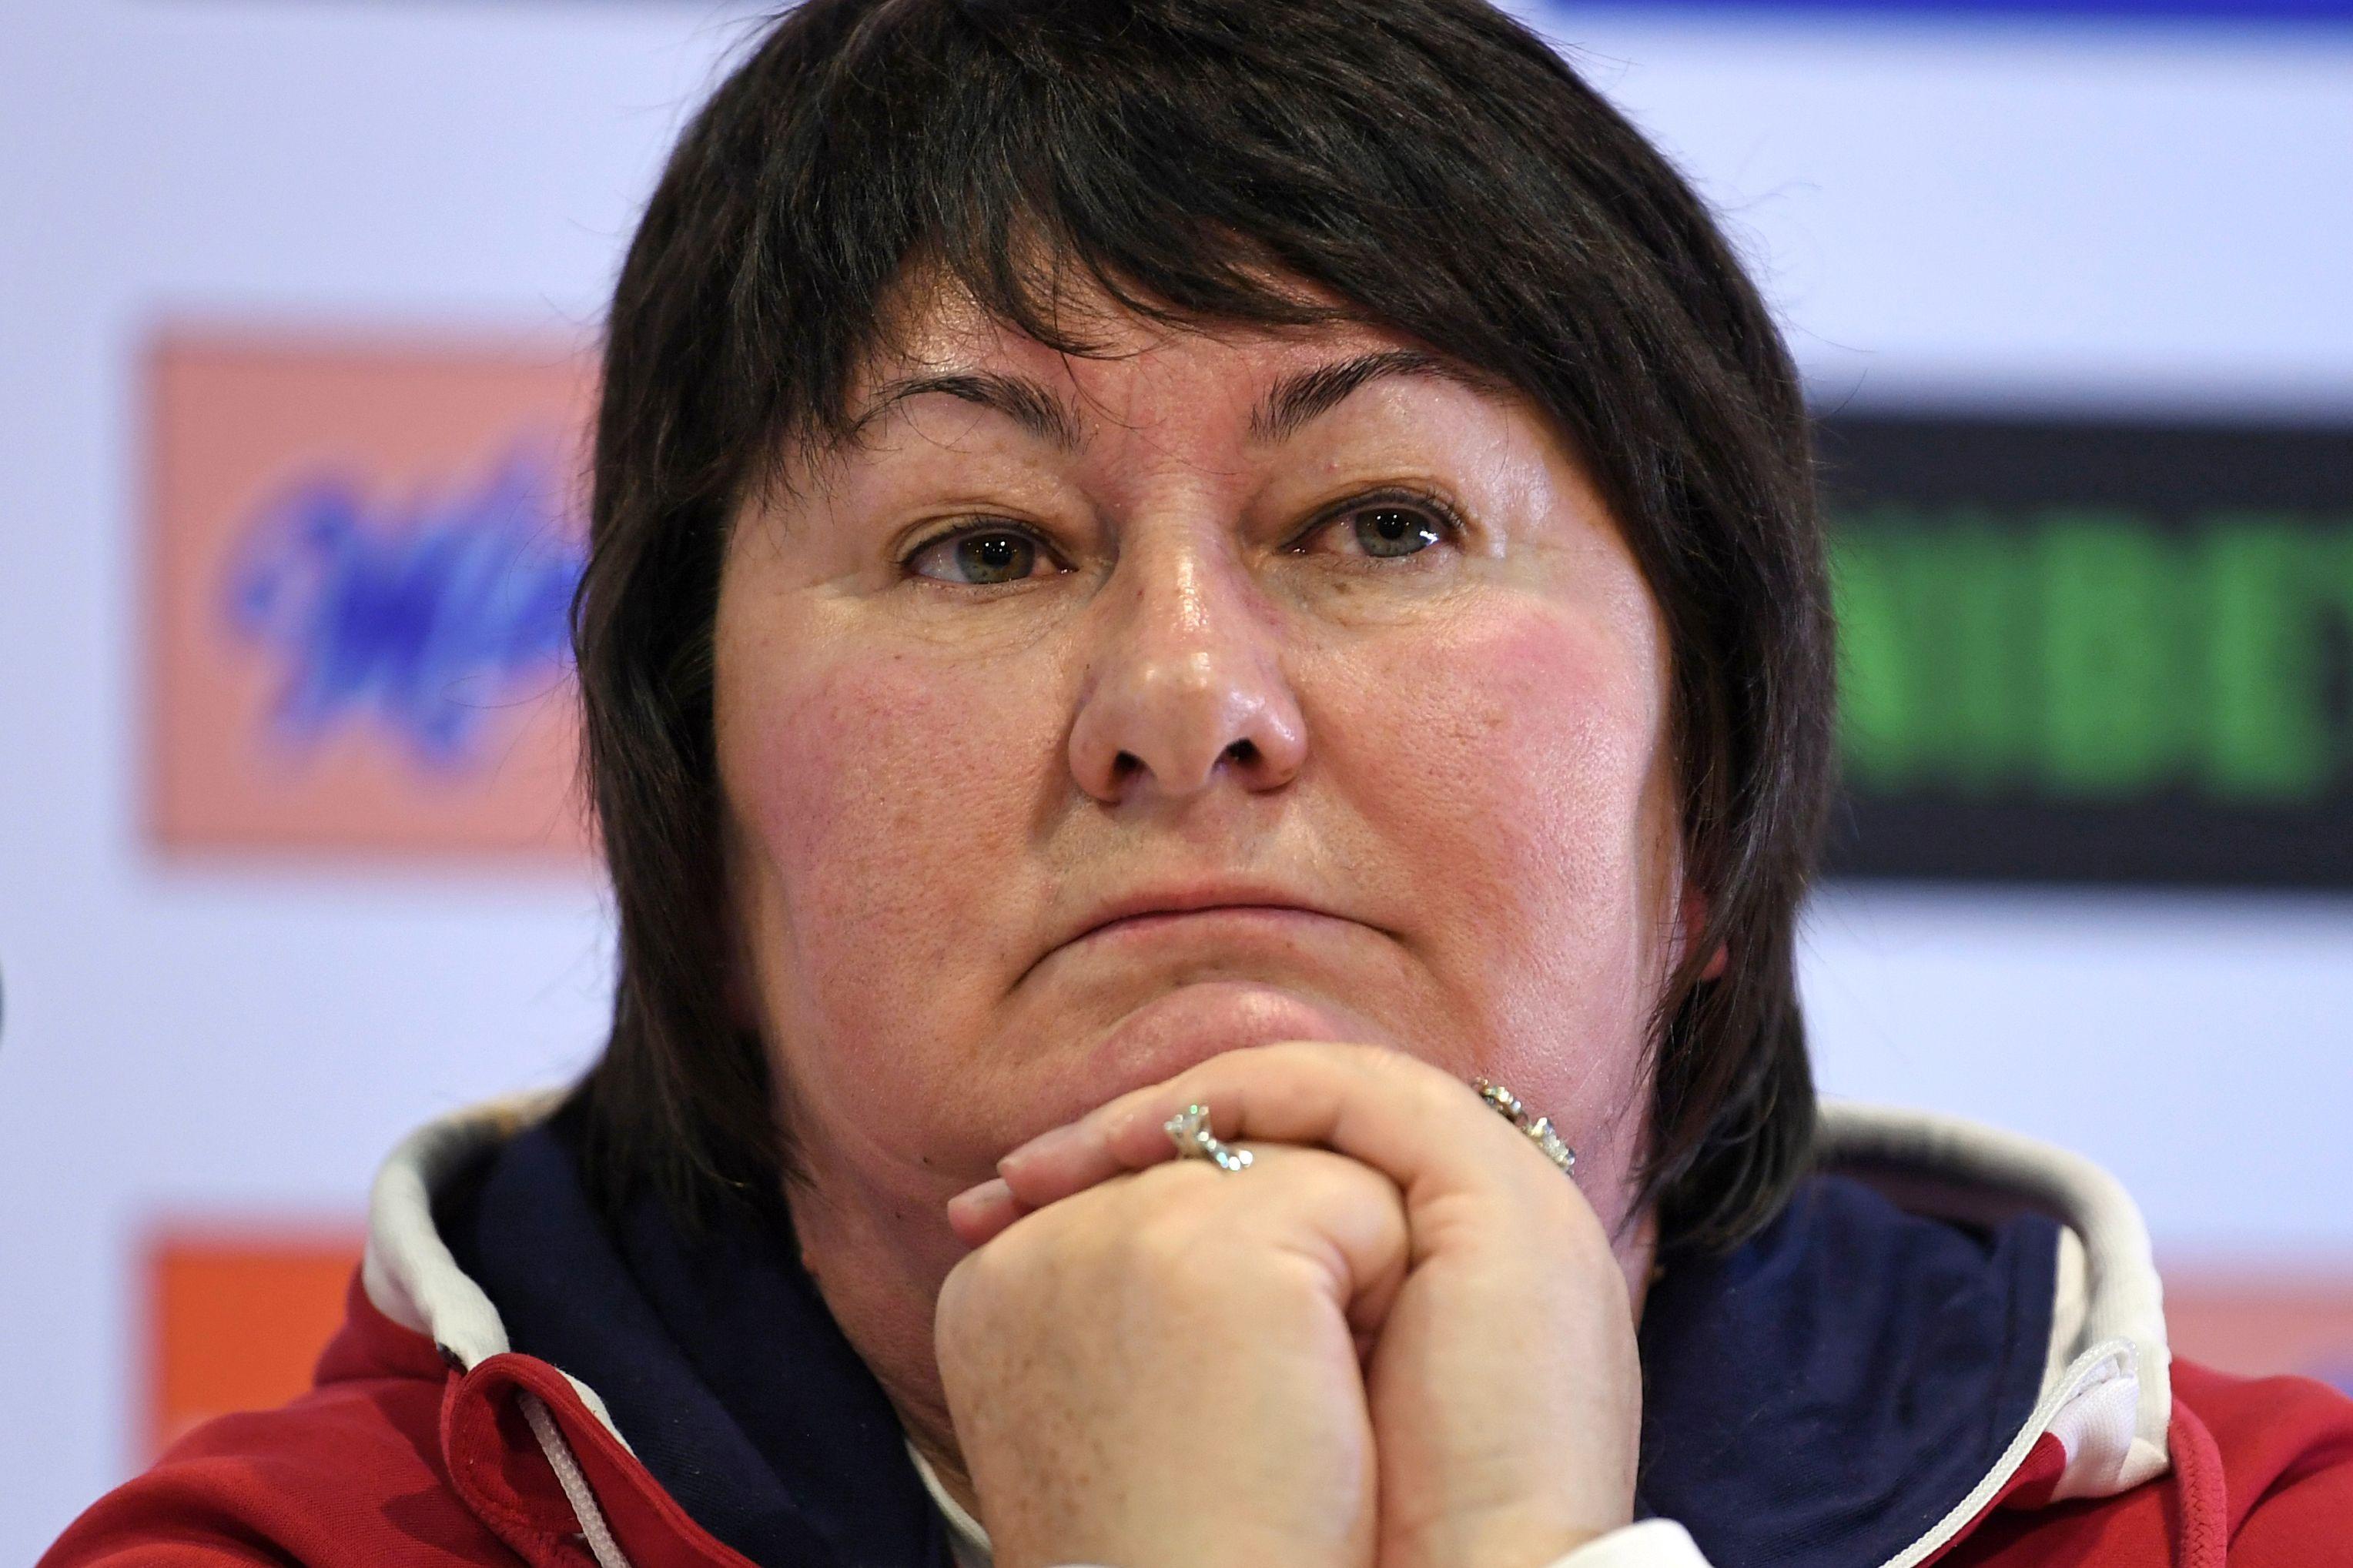 Вяльбе: В сборной России даже разговоров нет о пропуске чемпионата мира